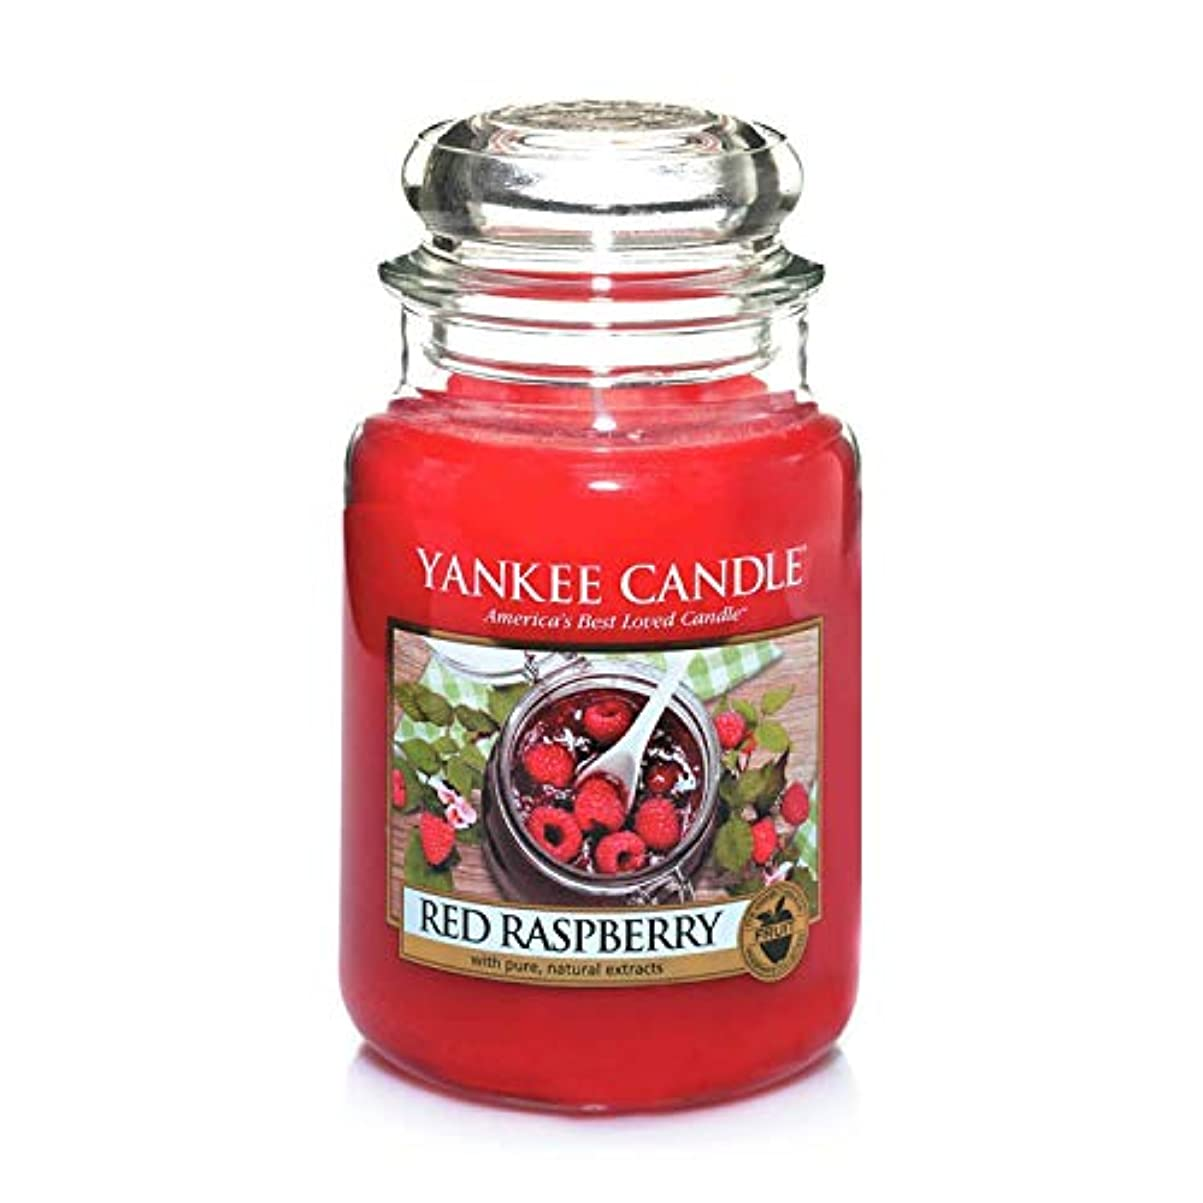 常習者シンクはちみつACAO エッセンシャルオイルアロマキャンドル、大きなガラスの瓶キャンドルソイワックスキャンドル古典的なスタイル (色 : Red raspberry)